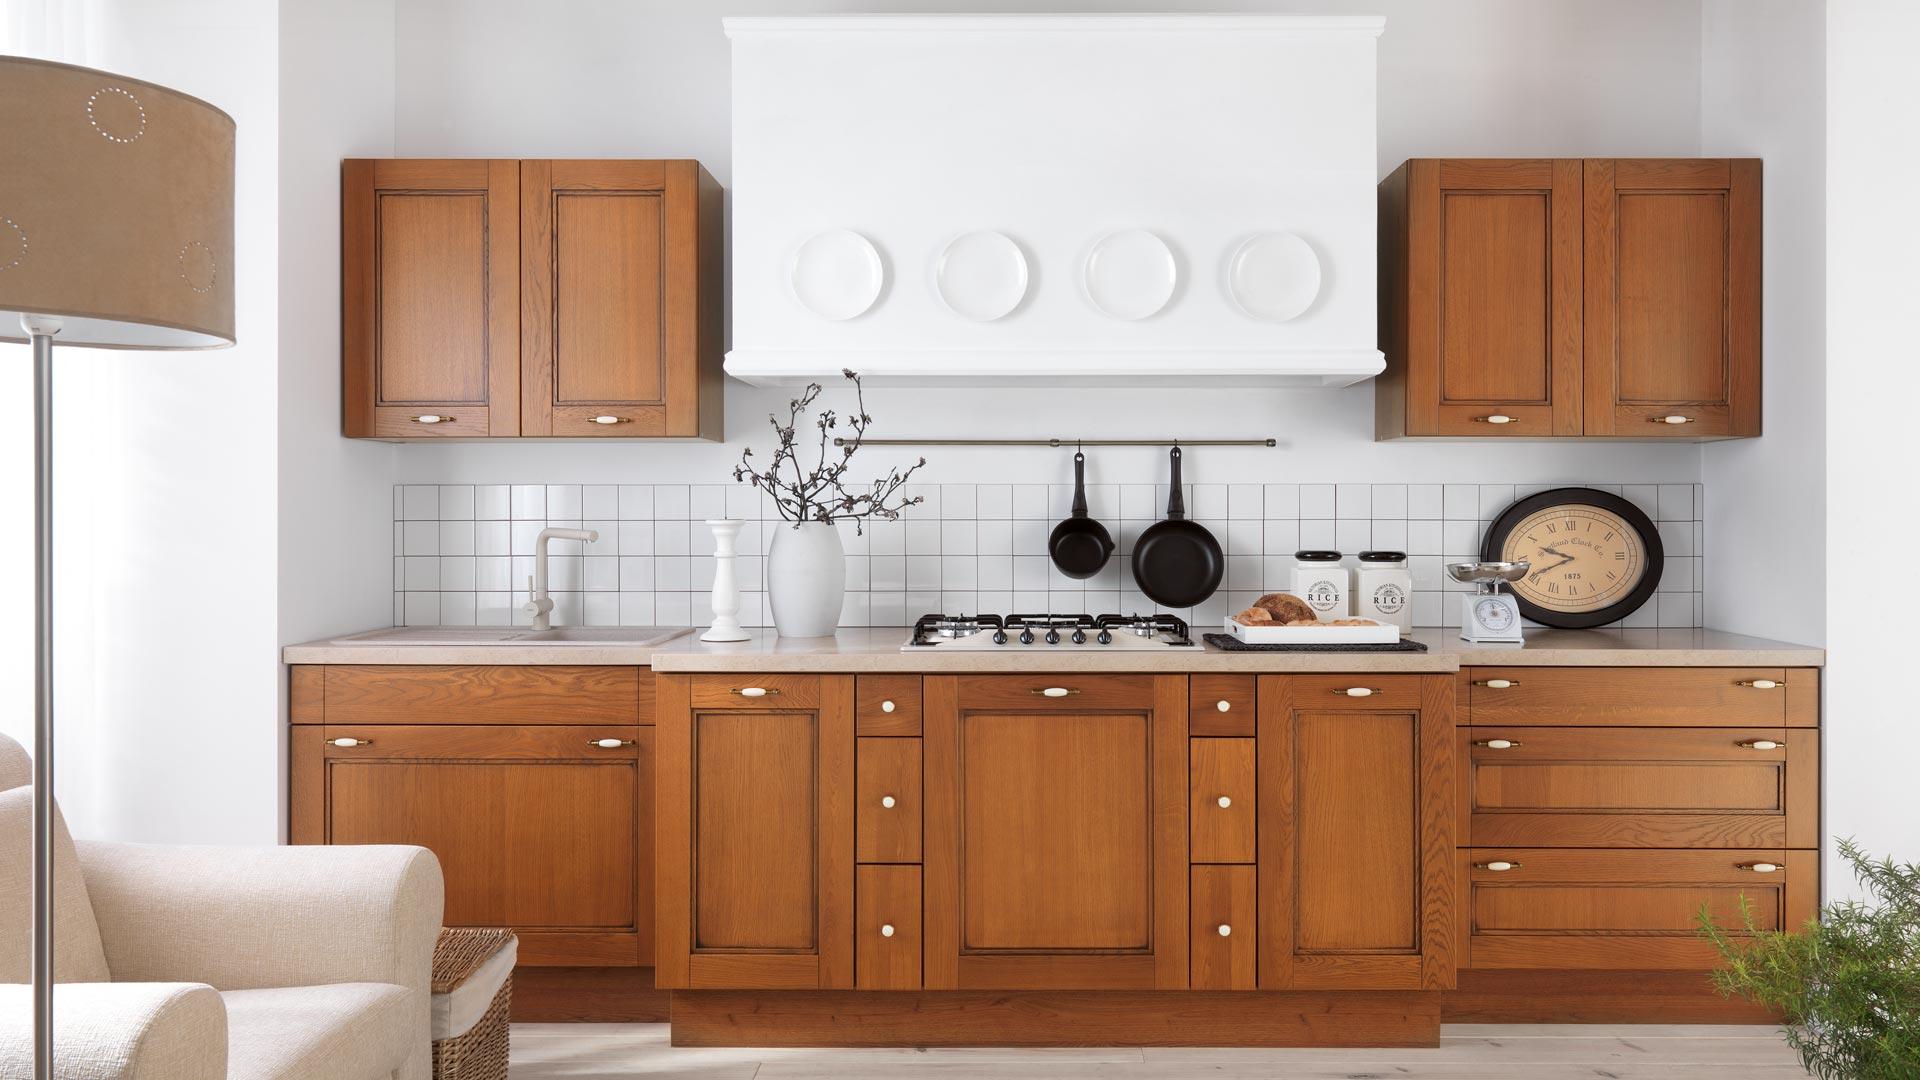 kuchyňská linka DRAGGO